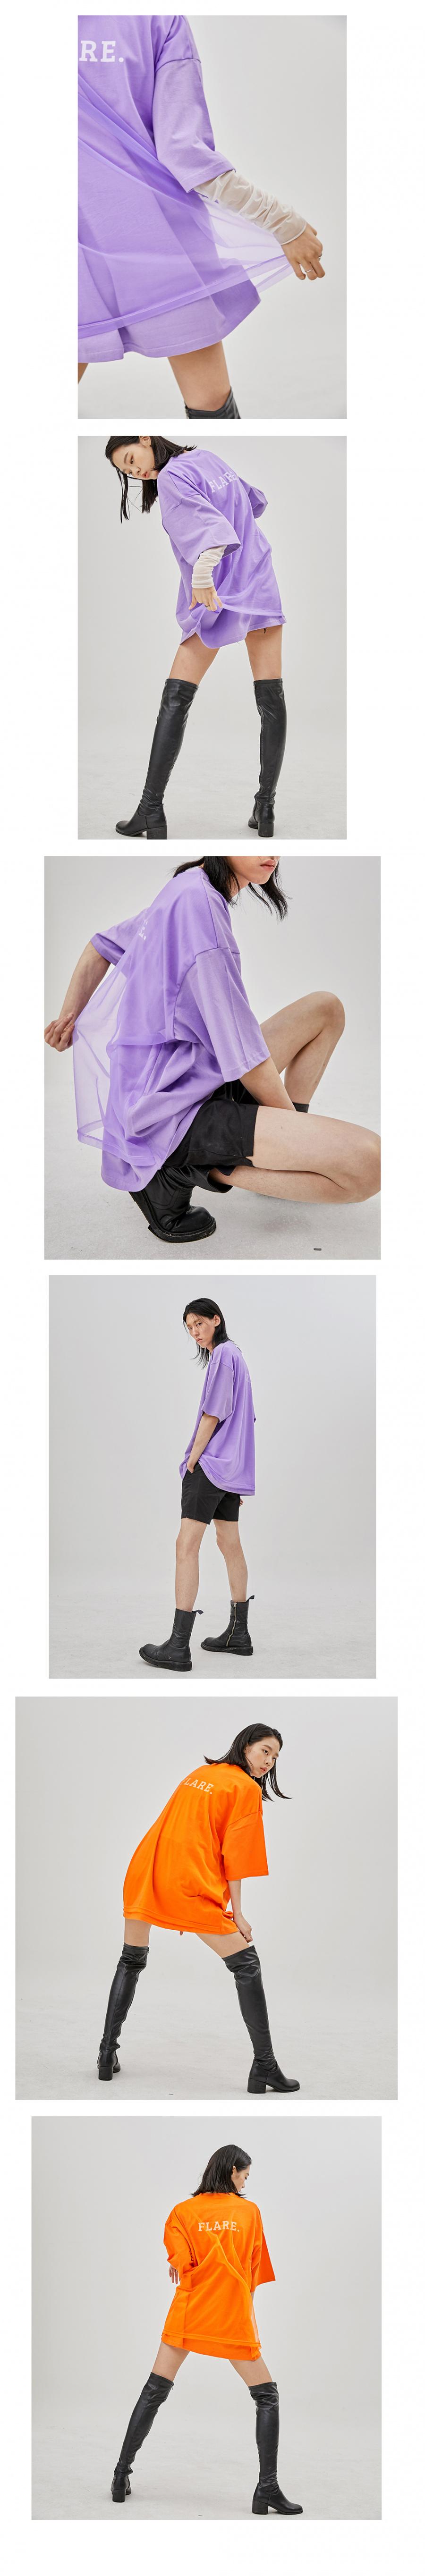 플레어업(FLAREUP) 쉬폰레스 티셔츠 - 화이트 (FU-142)